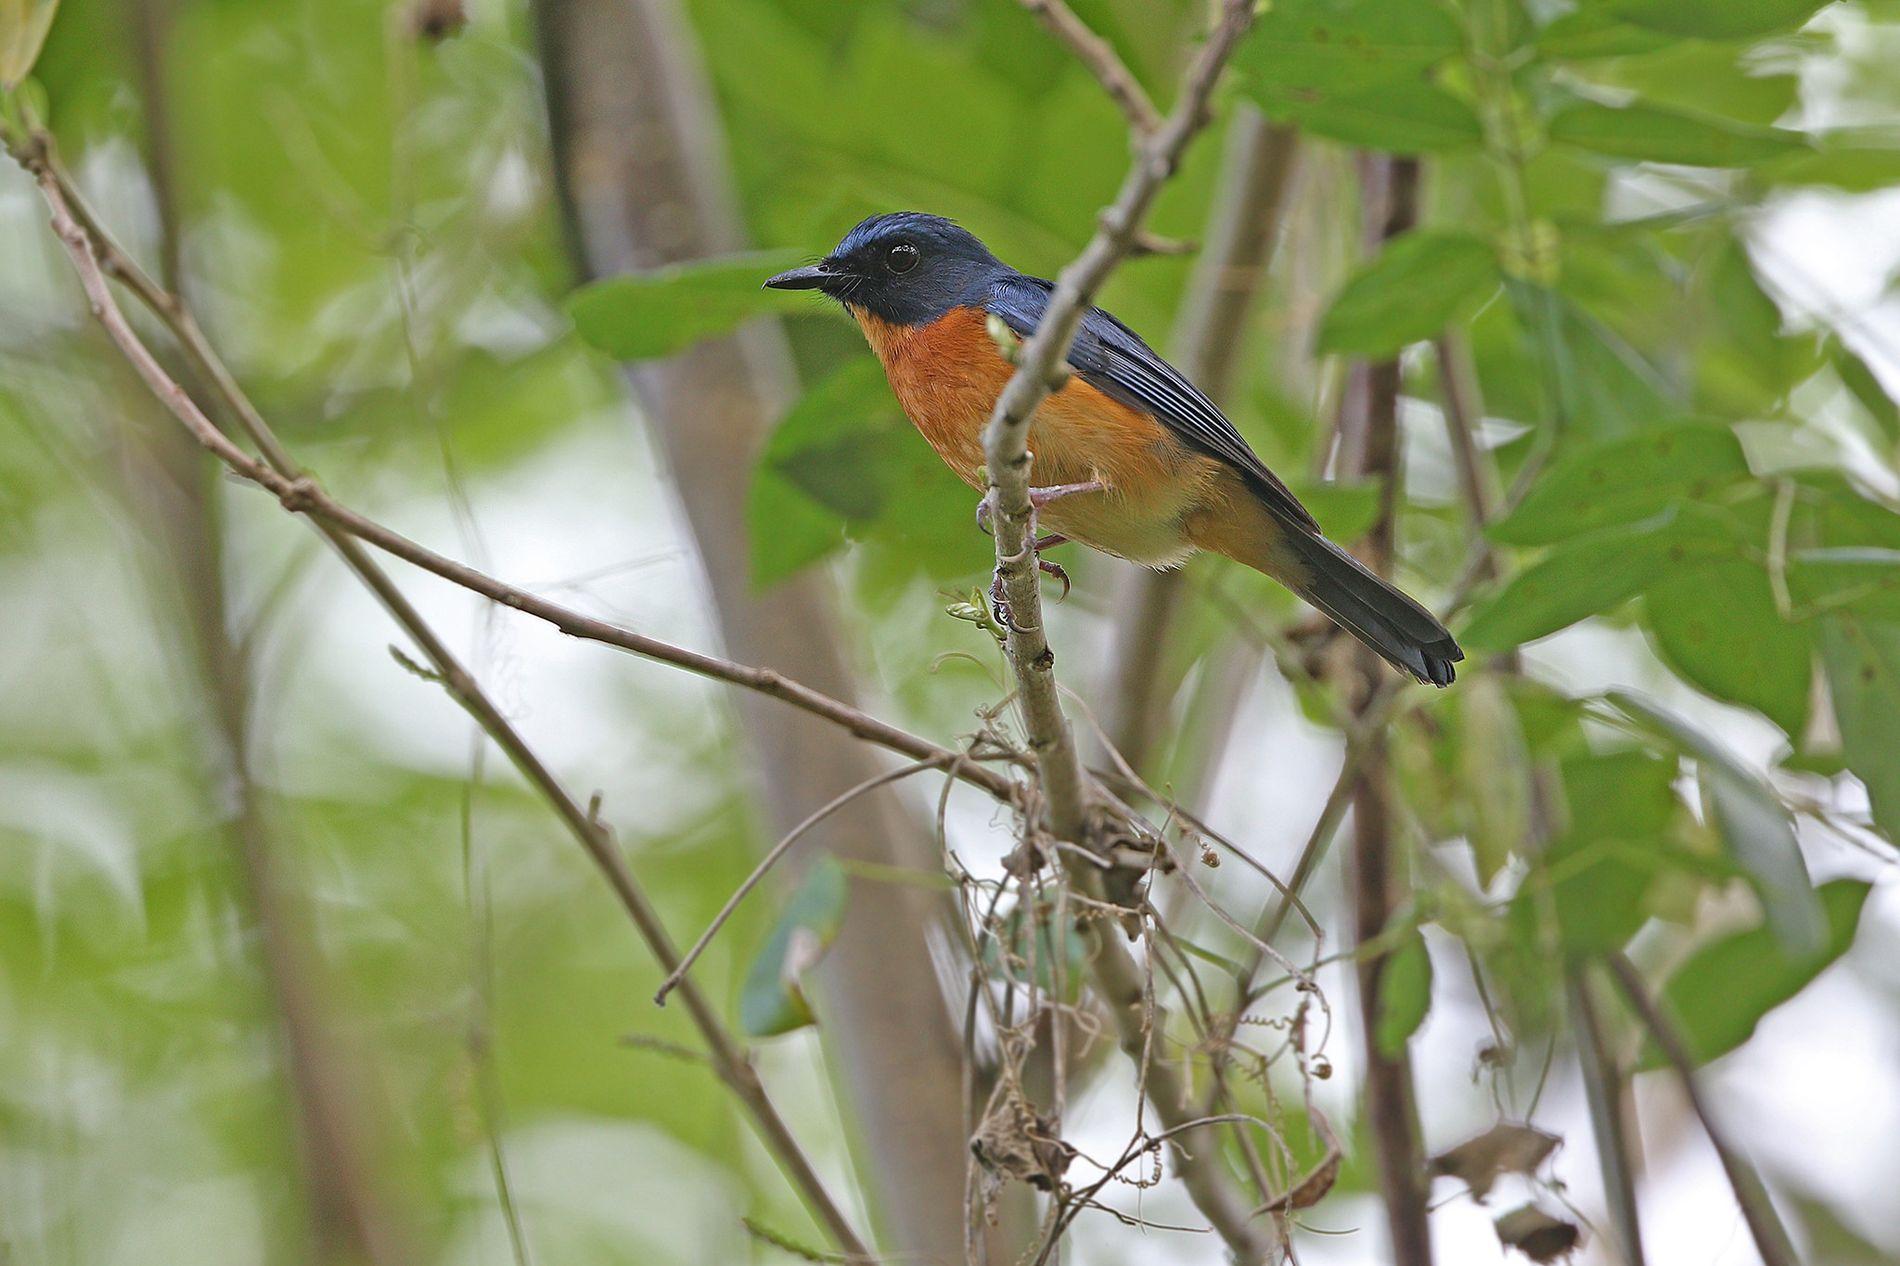 O papa-moscas-da-selva de Togian é uma nova subespécie de pássaro encontrada em Batudaka, uma das ilhas ...